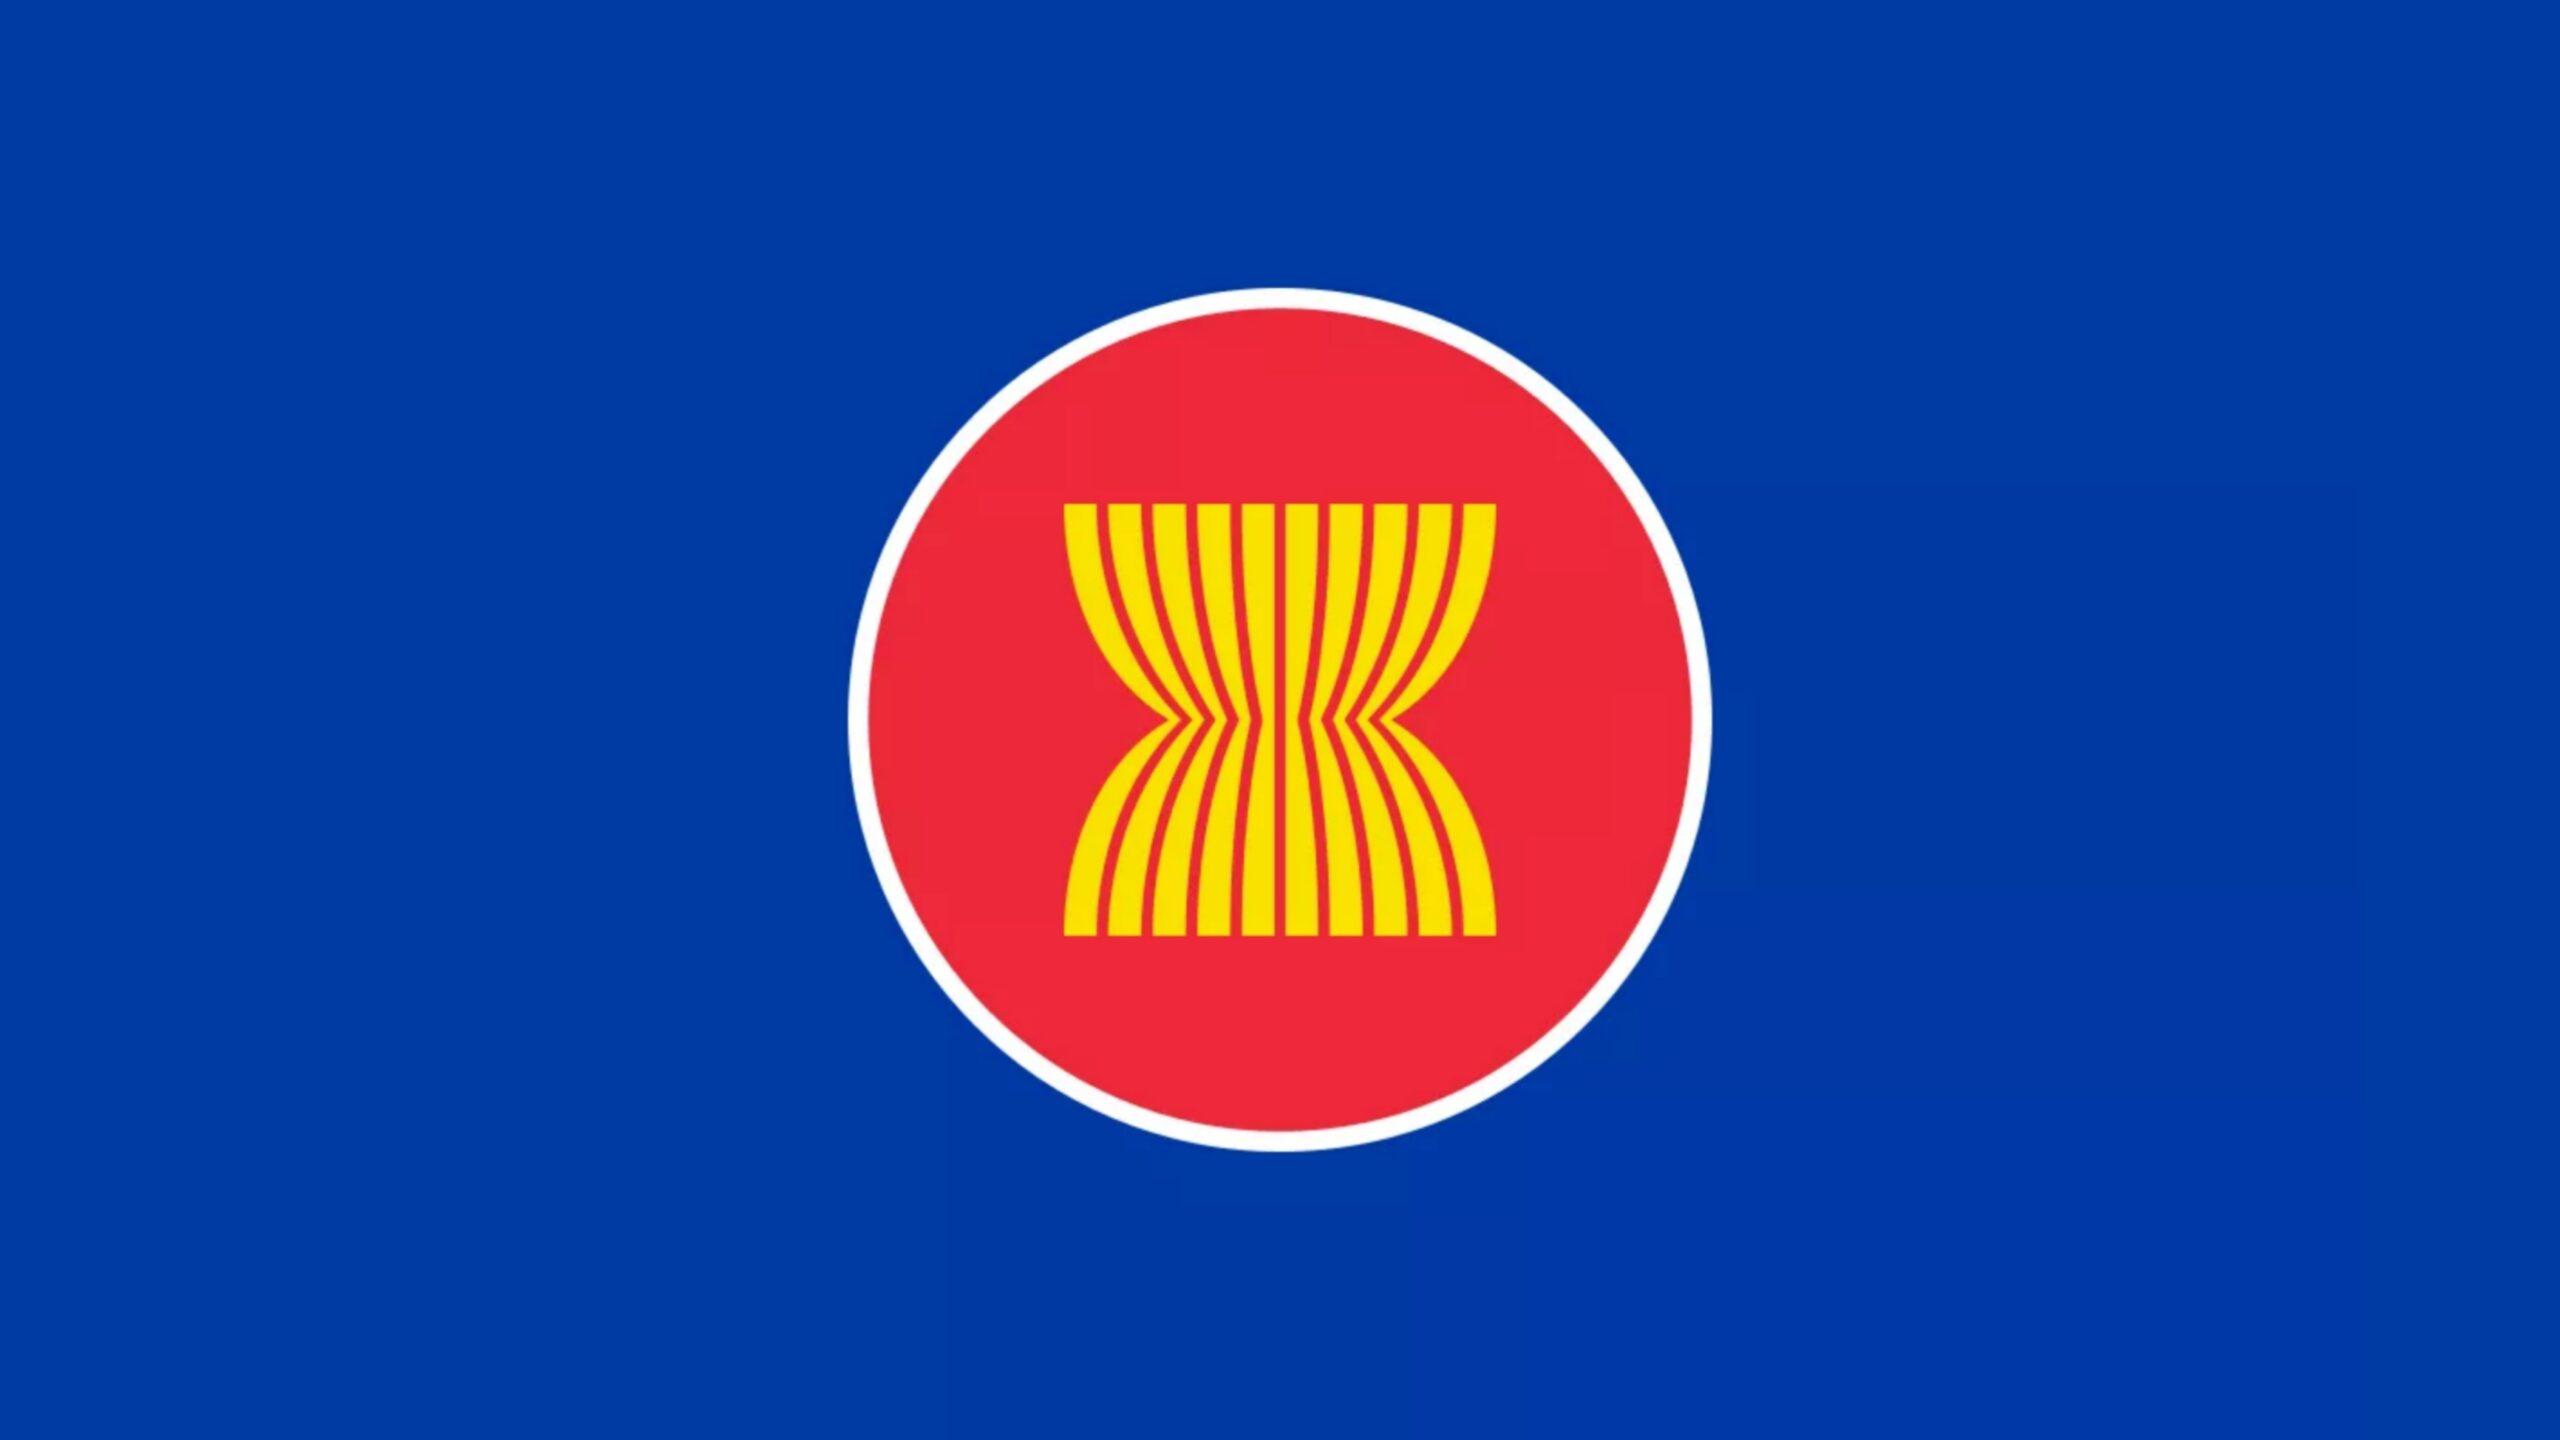 အာဆီယံခေါင်းဆောင်တွေ မြန်မာနိုင်ငံကိုလာမယ်